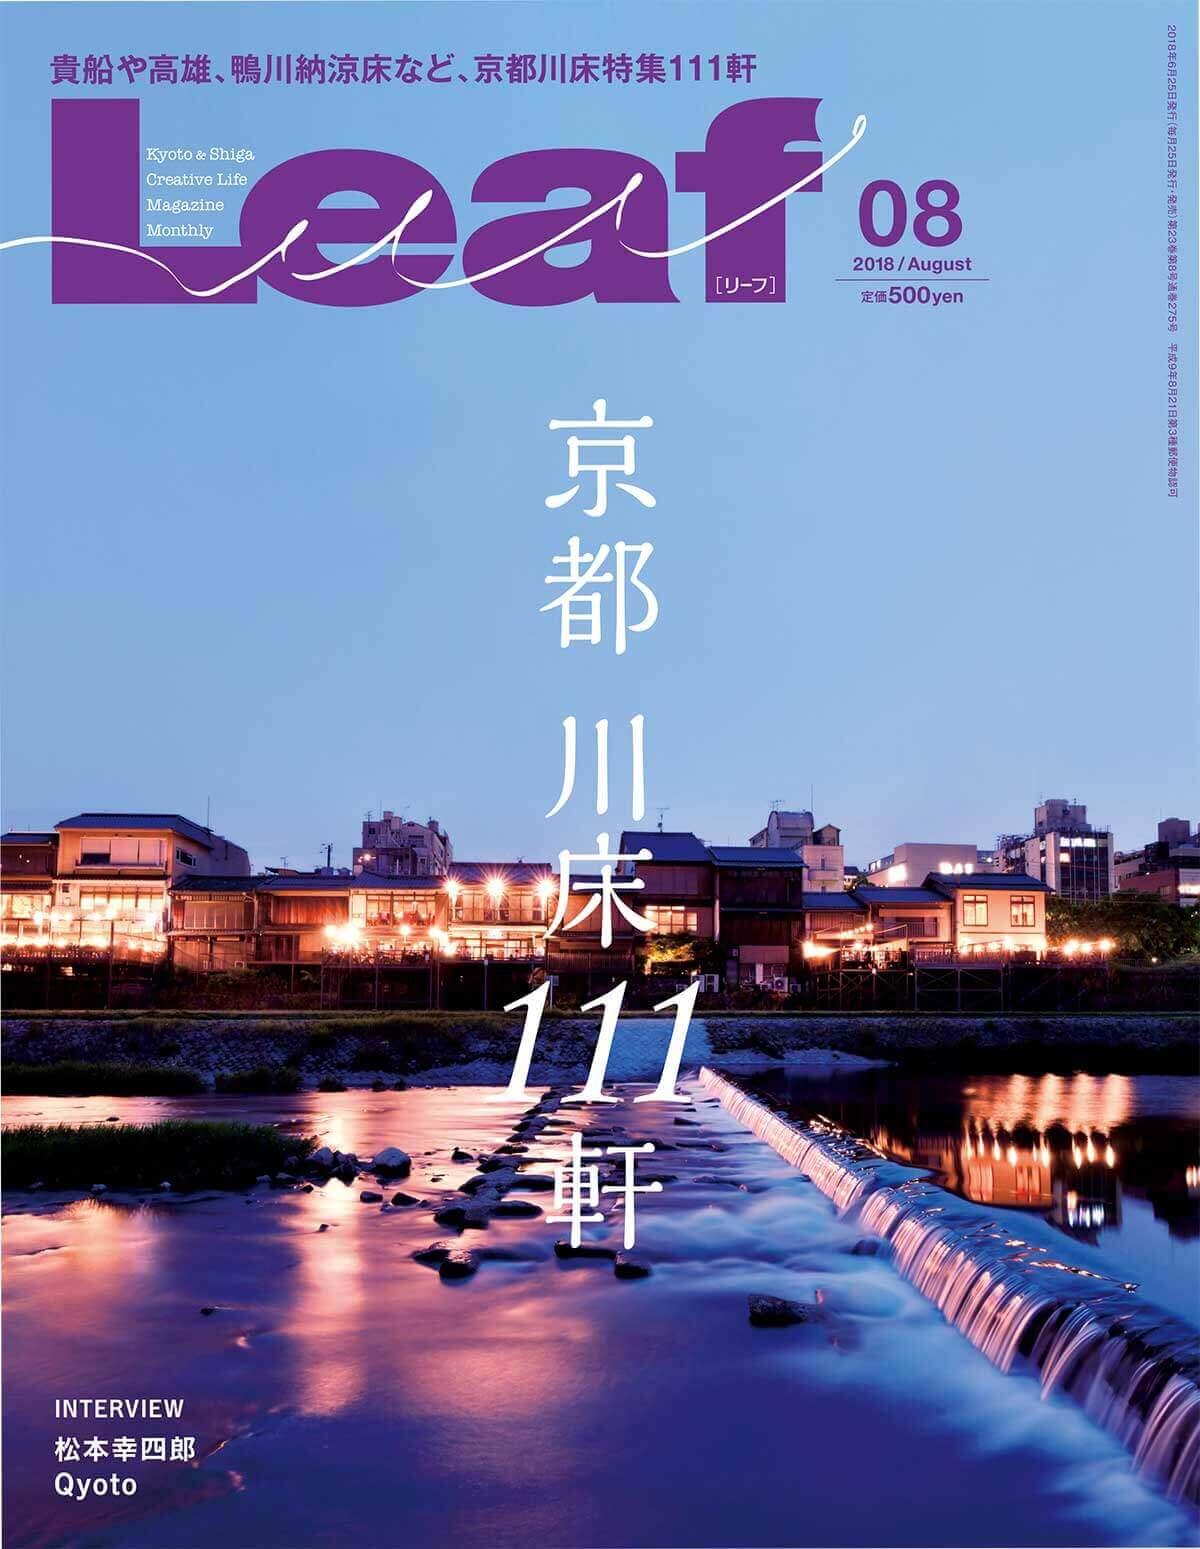 Leaf - 京都川床111軒